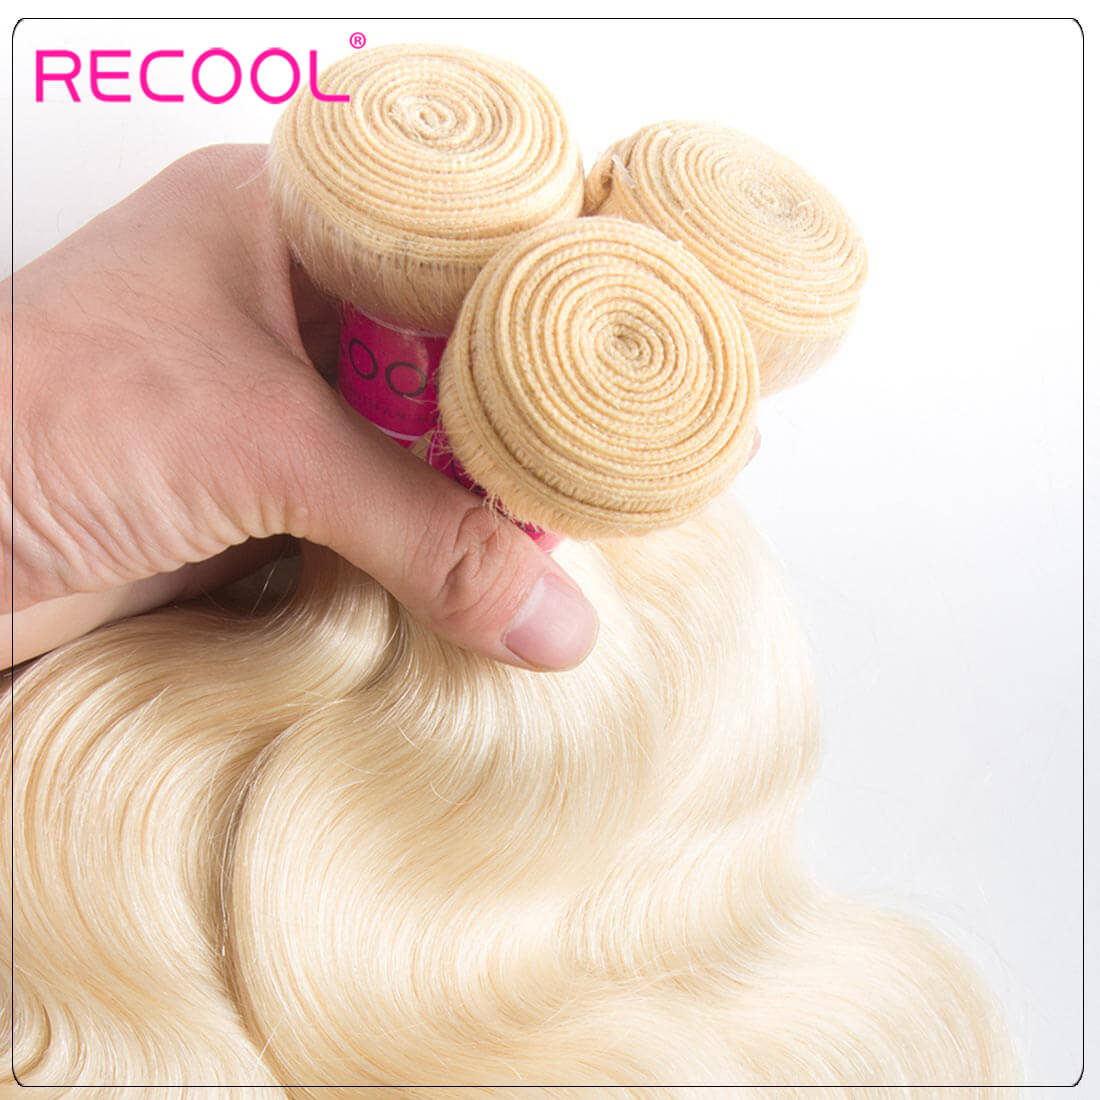 Blonde Hair Bundles 613 Virgin Hair Body Wave, 100% Virgin Blonde Human Hair Weave Body Wave Bundles 4